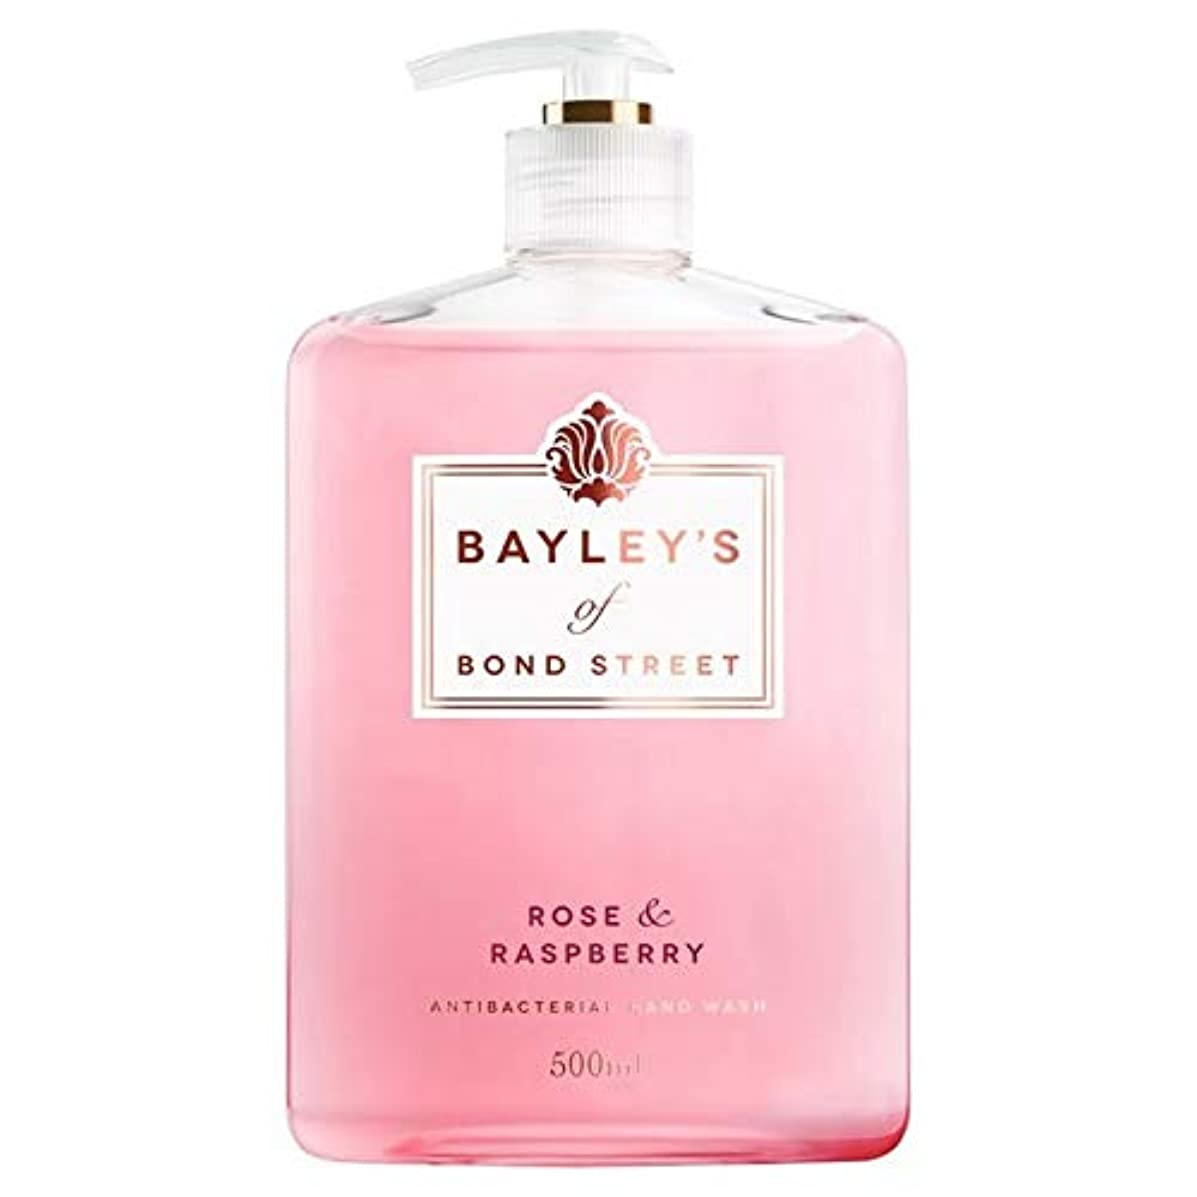 応じるベット実用的[Bayley's of Bond Street ] ベイリーのボンドストリートのは、ローズ&ラズベリーのハンドウォッシュ500ミリリットル - Bayley's of Bond Street Rose & Raspberry...